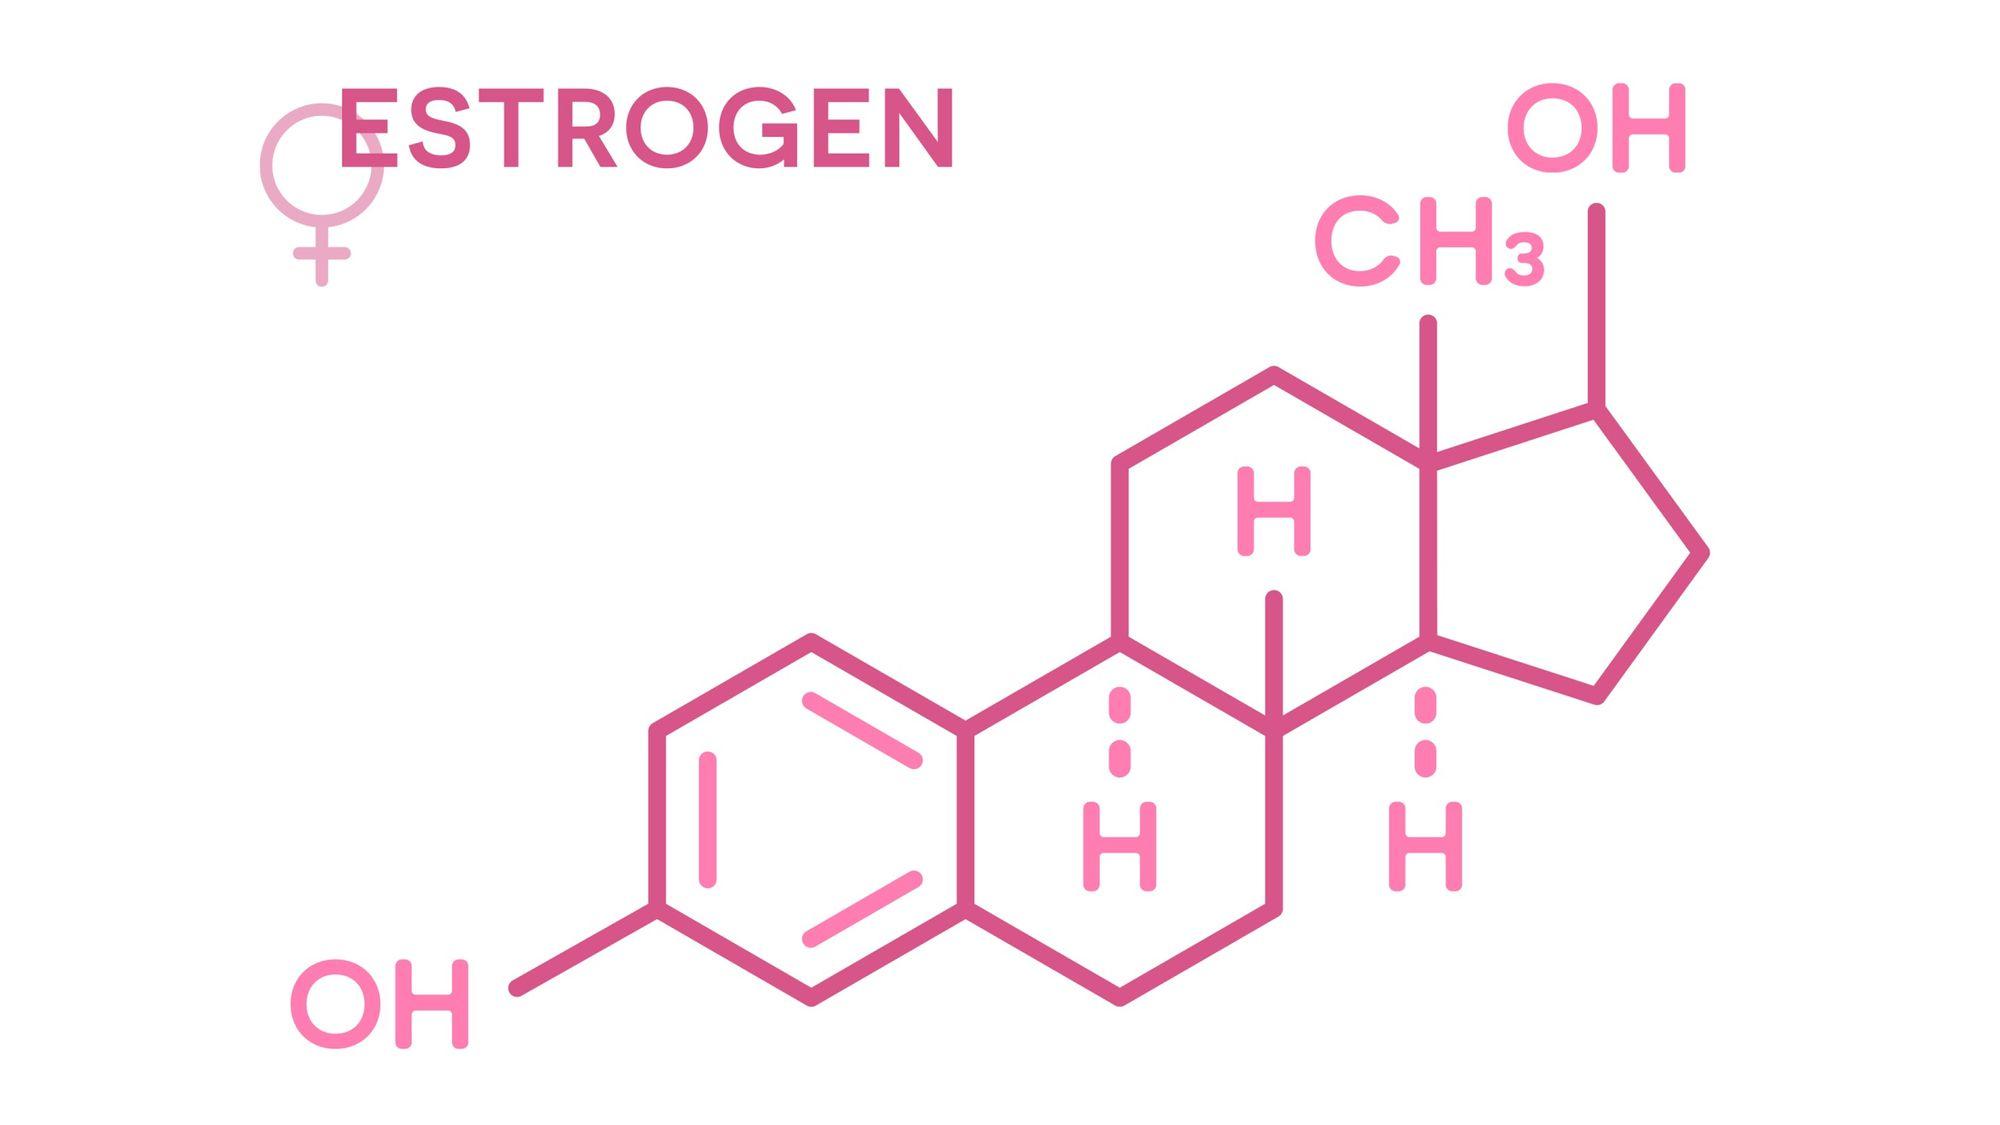 χημικός τύπος των μορίων των οιστρογόνων